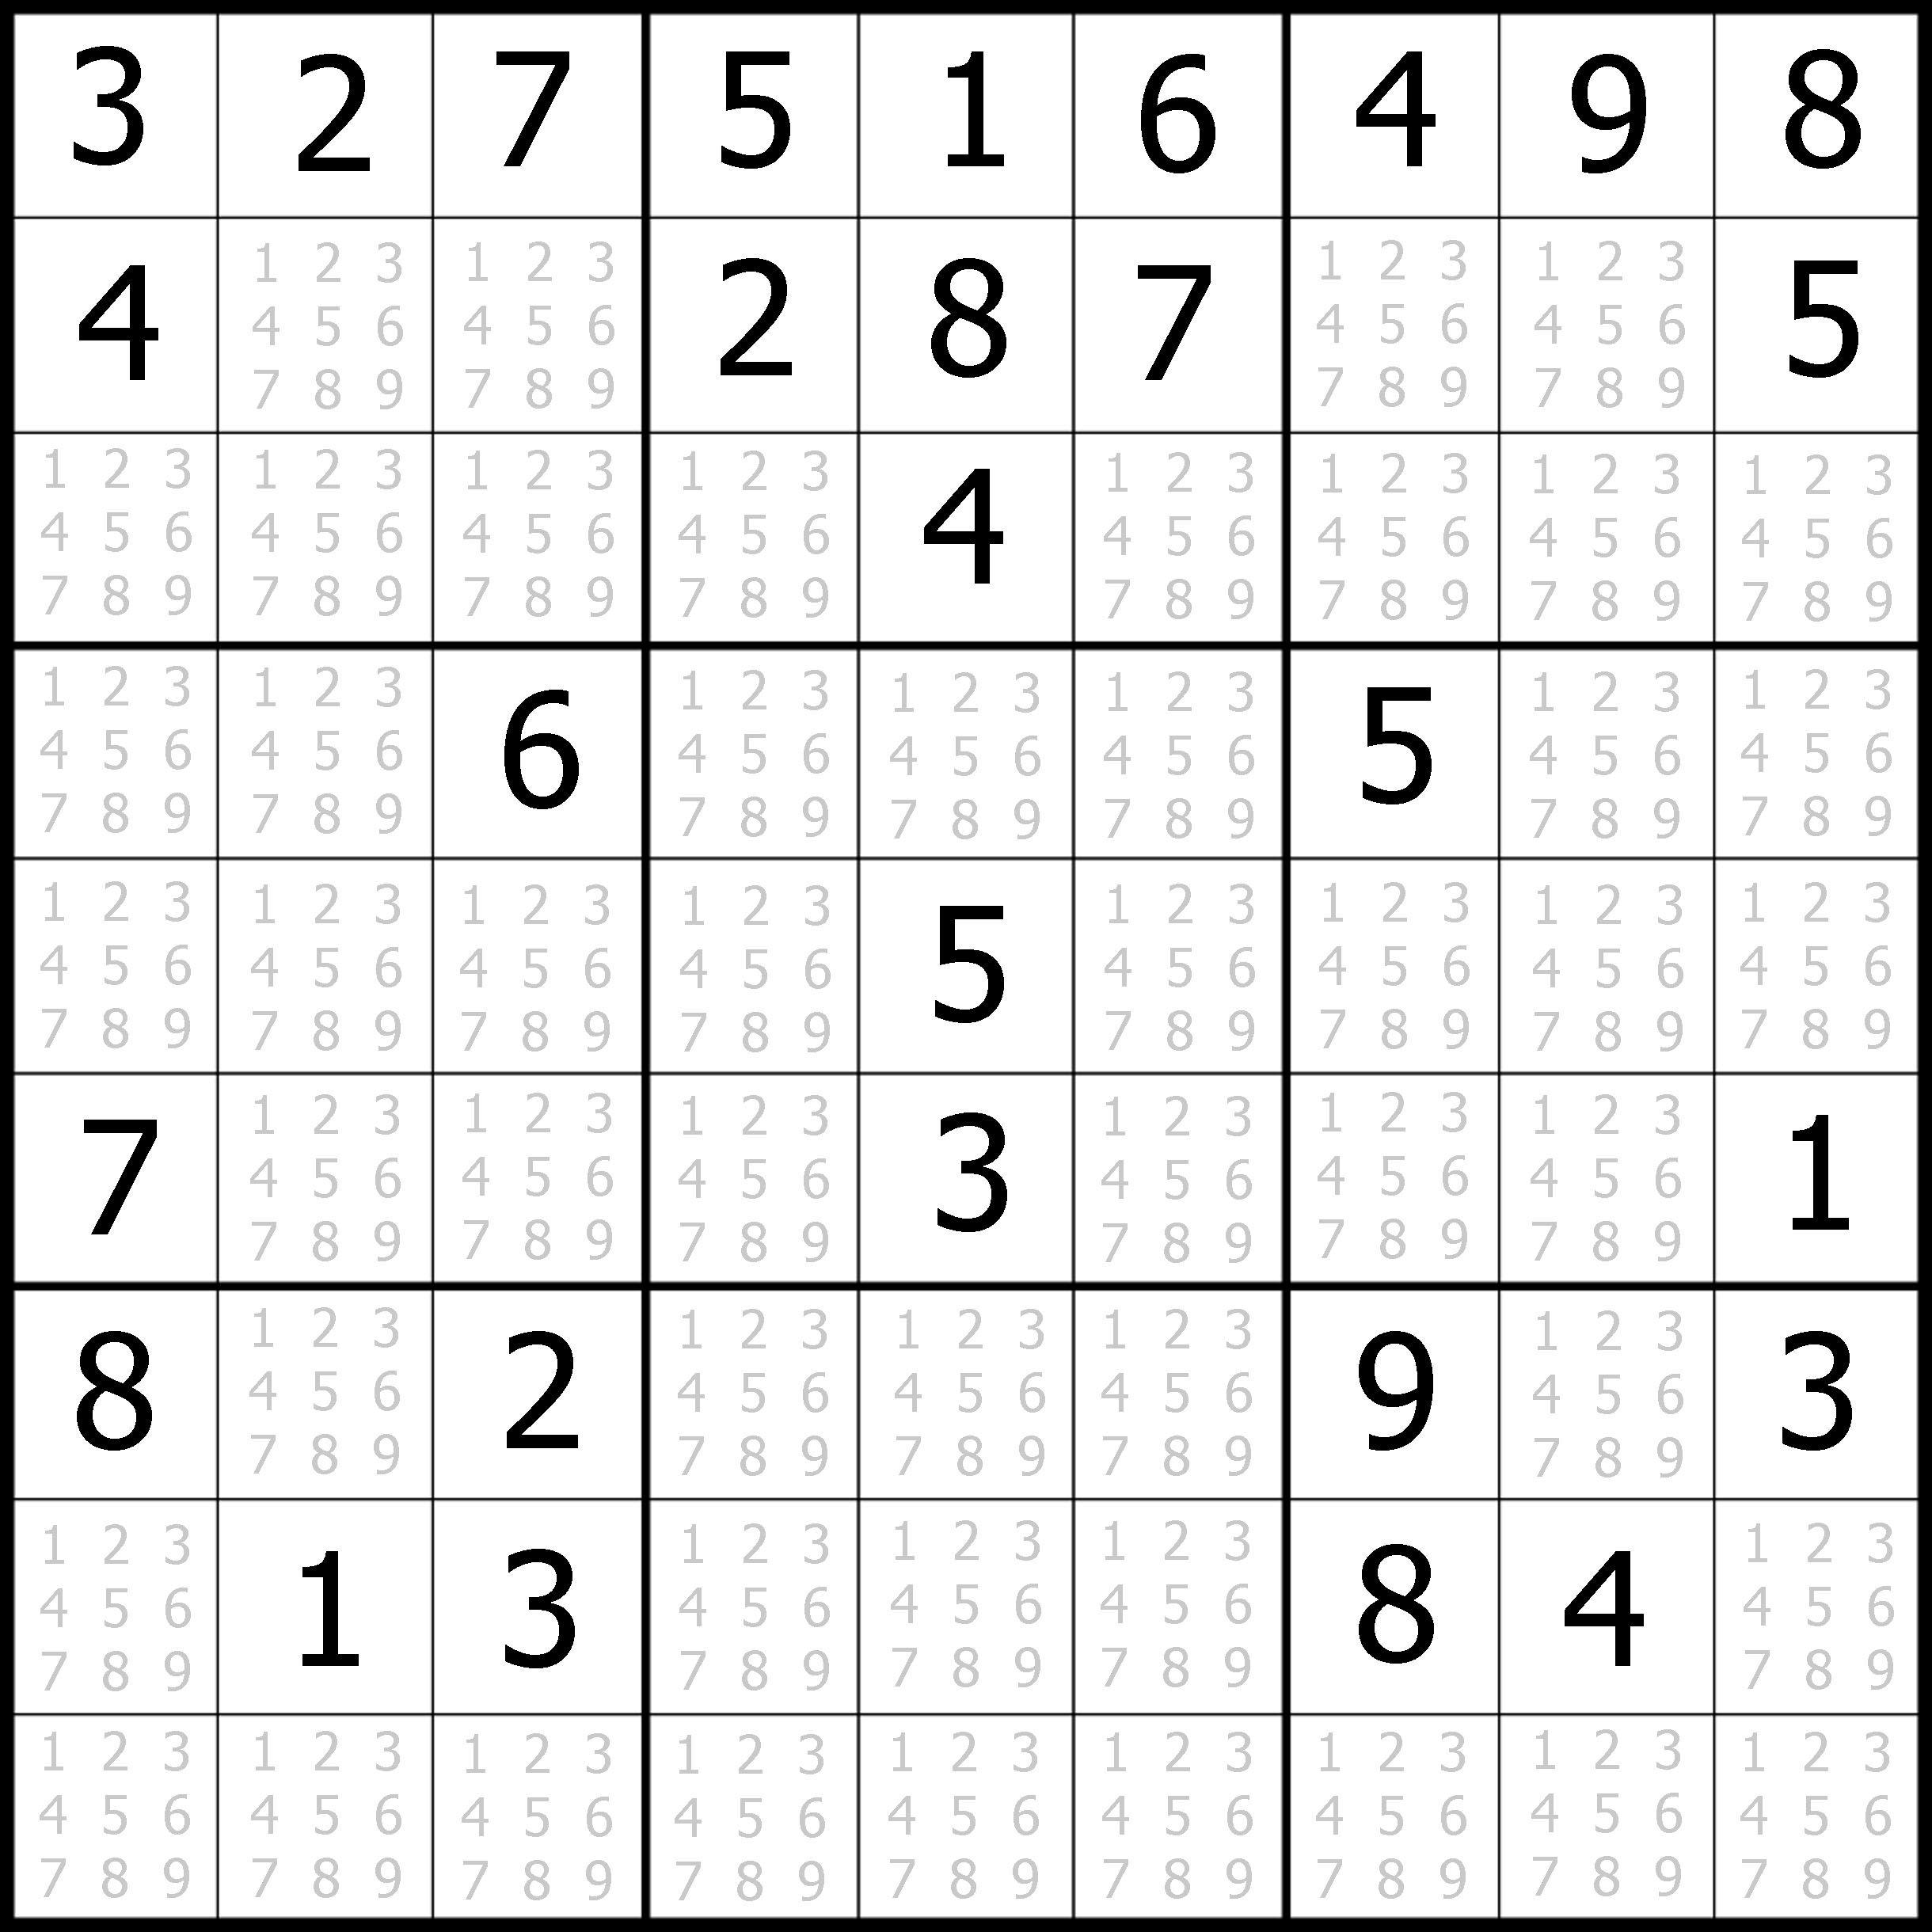 Sudoku Printable | Free, Medium, Printable Sudoku Puzzle #1 | My - Printable Sudoku Puzzles 4X4